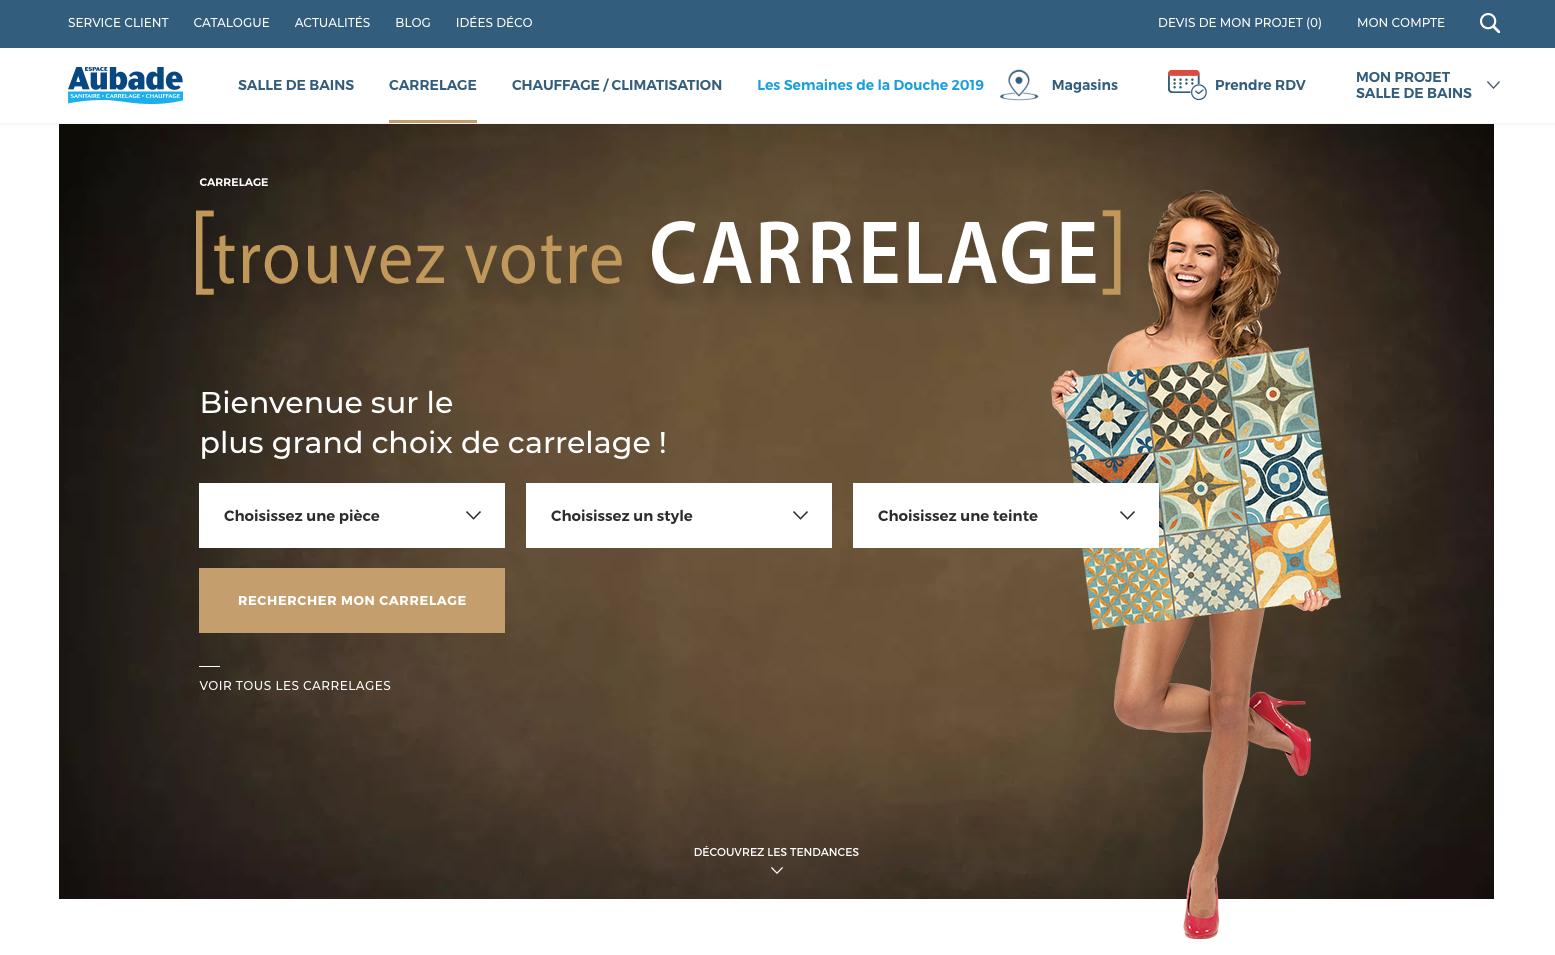 Nouvelle saisine du Jury de Déontologie Publicitaire concernant la publicité «ESPACE AUBADE»